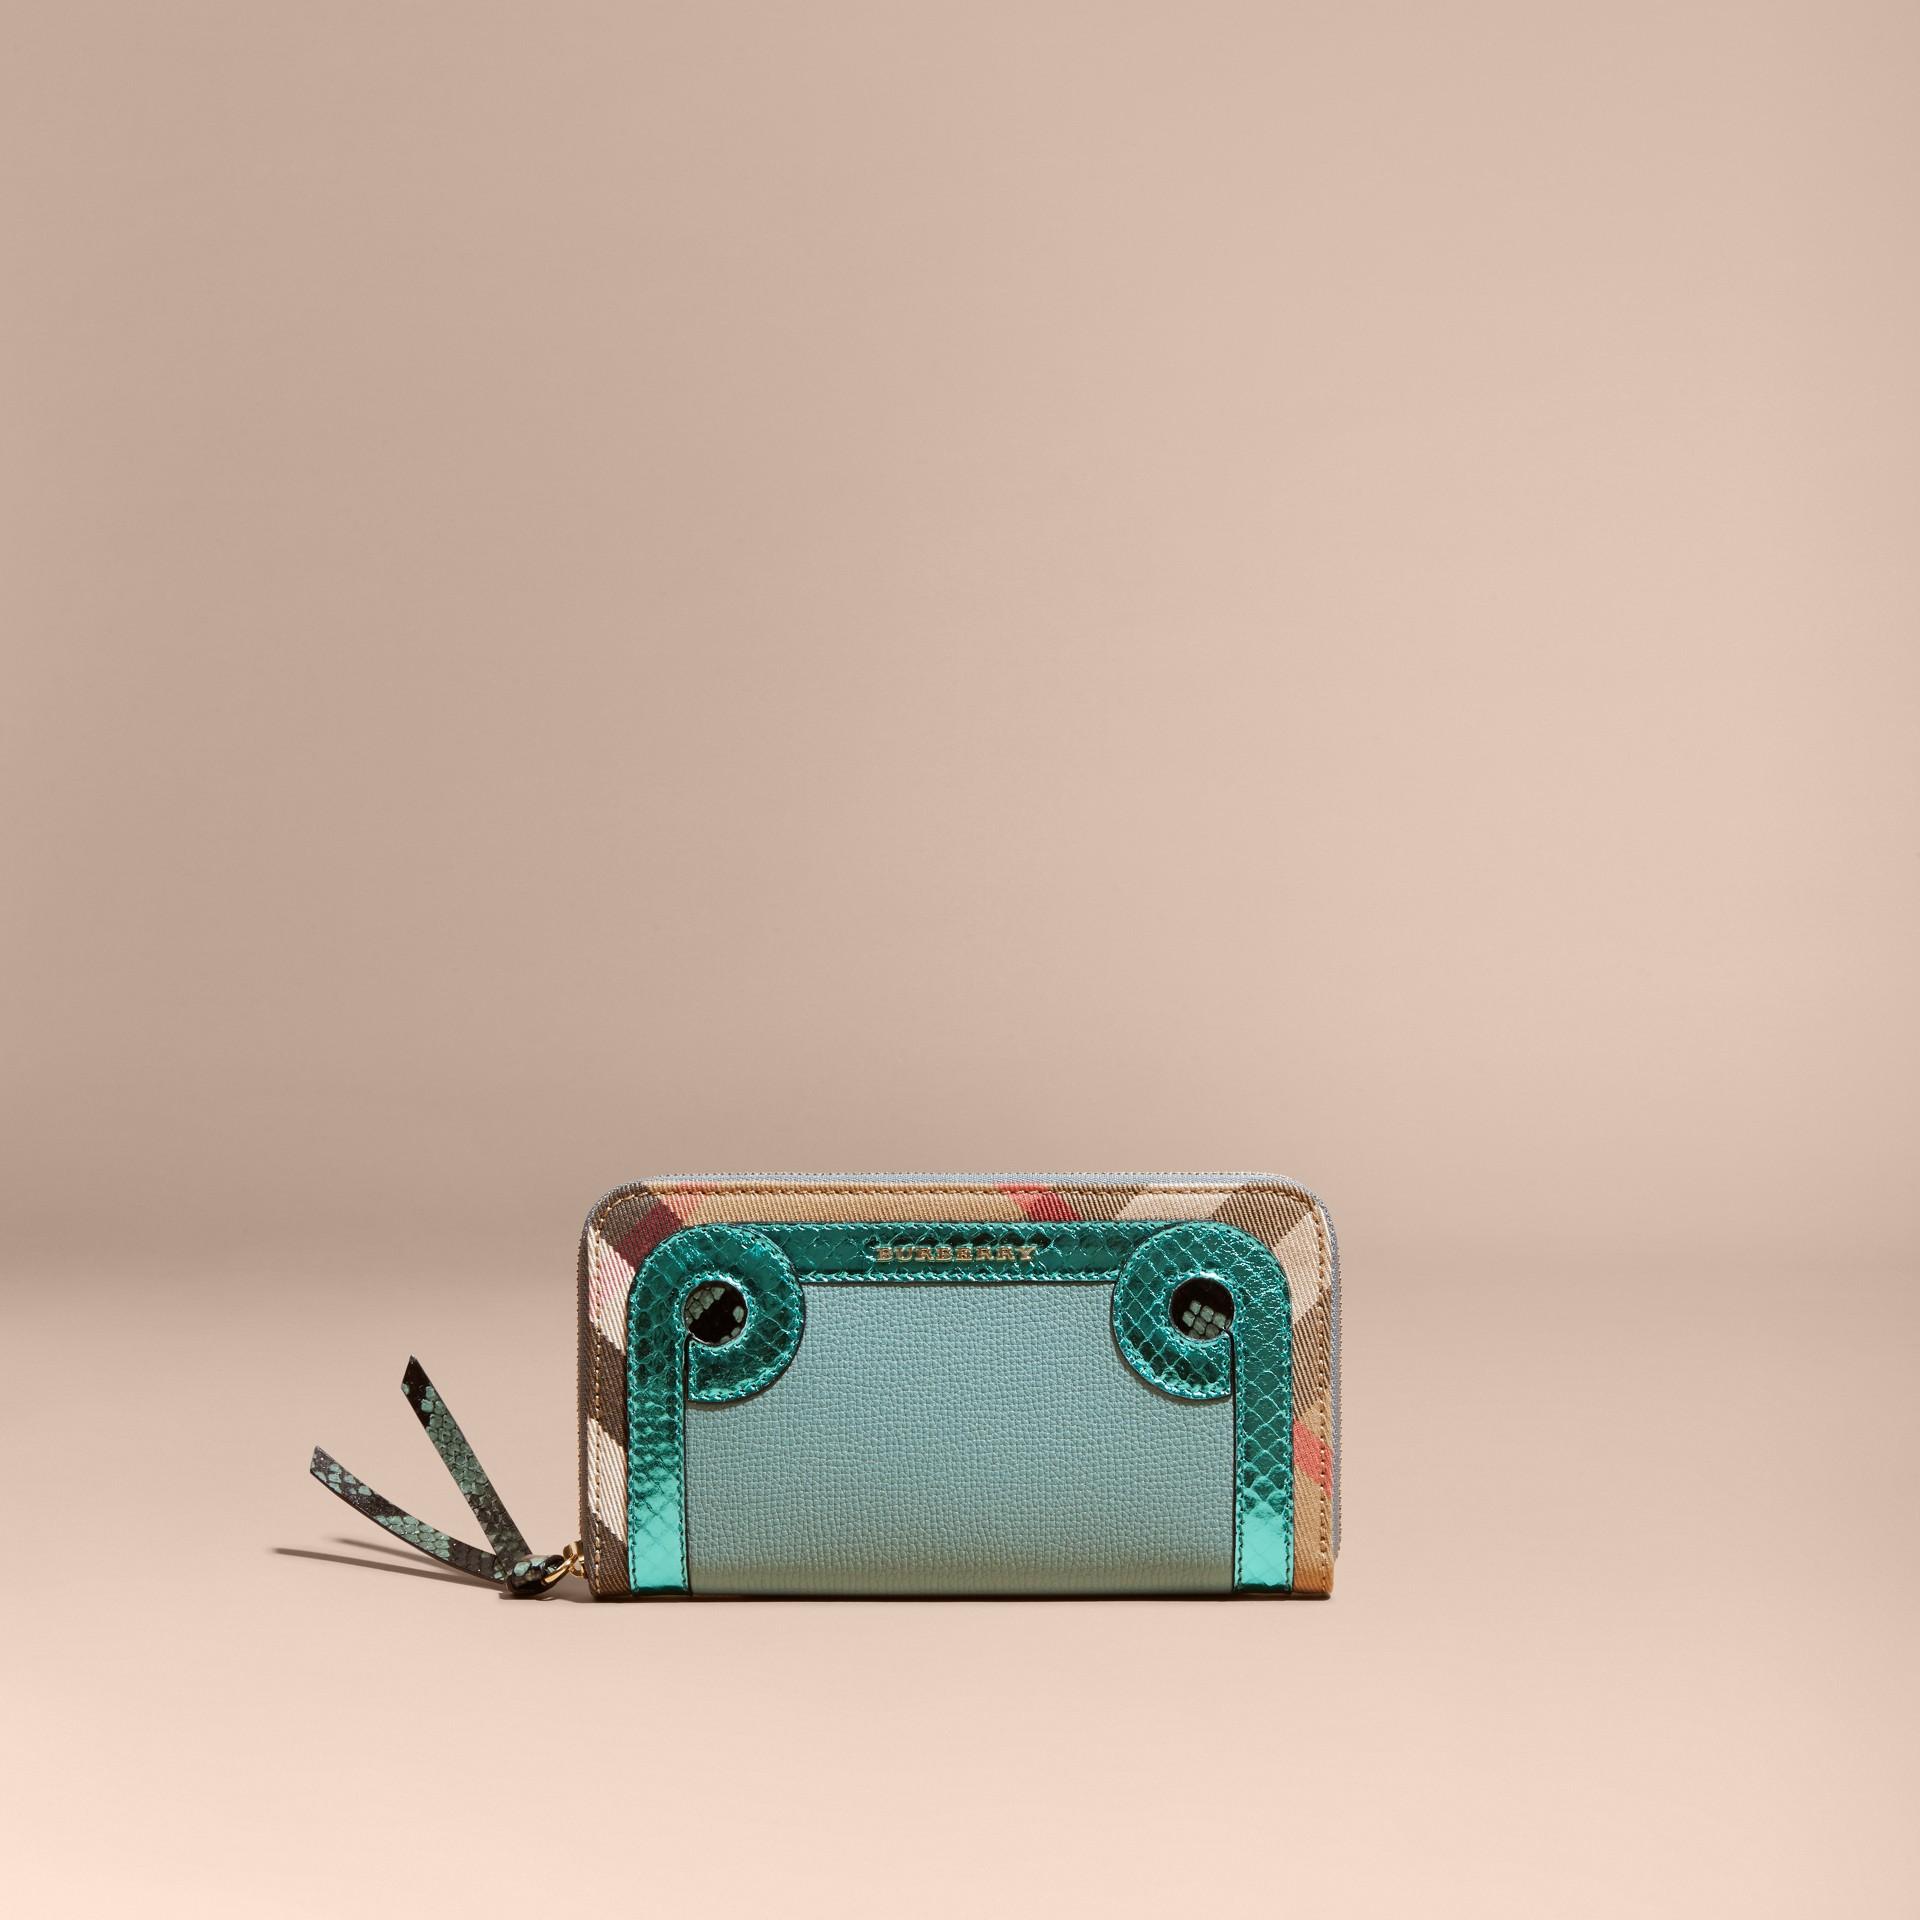 Azul celadón Cartera con cremallera perimetral en piel de serpiente y House Checks Azul Celadón - imagen de la galería 6